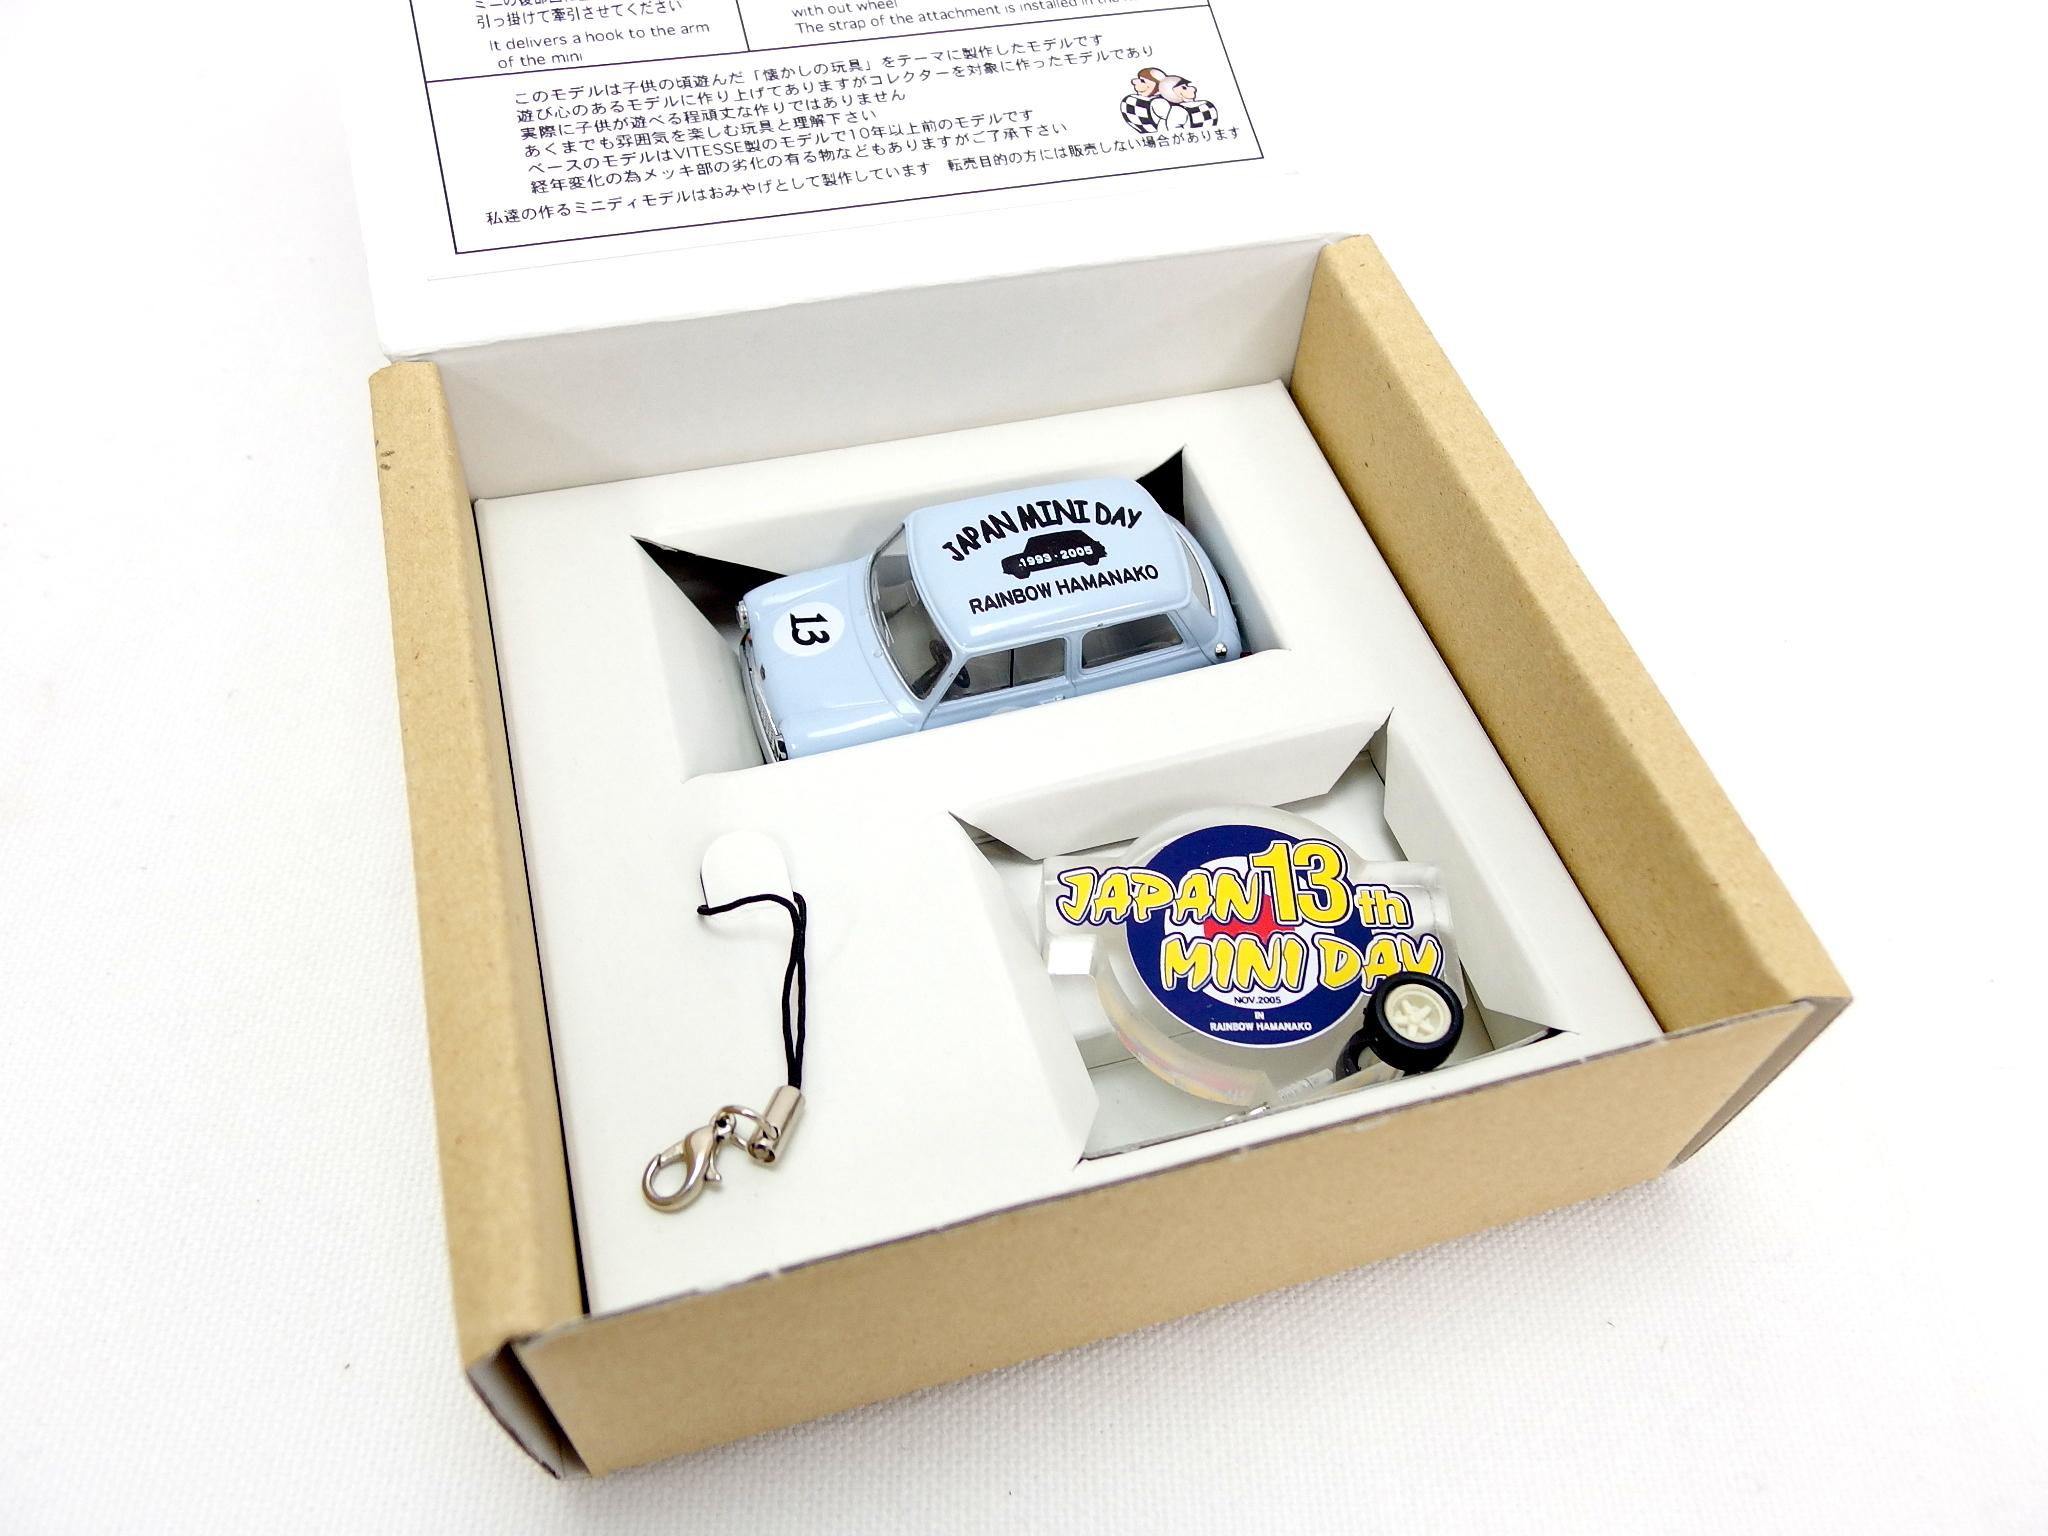 JMSA 1/43スケール Japan Miniday 限定 オフィシャルモデル 3点(2005/2007/2010)